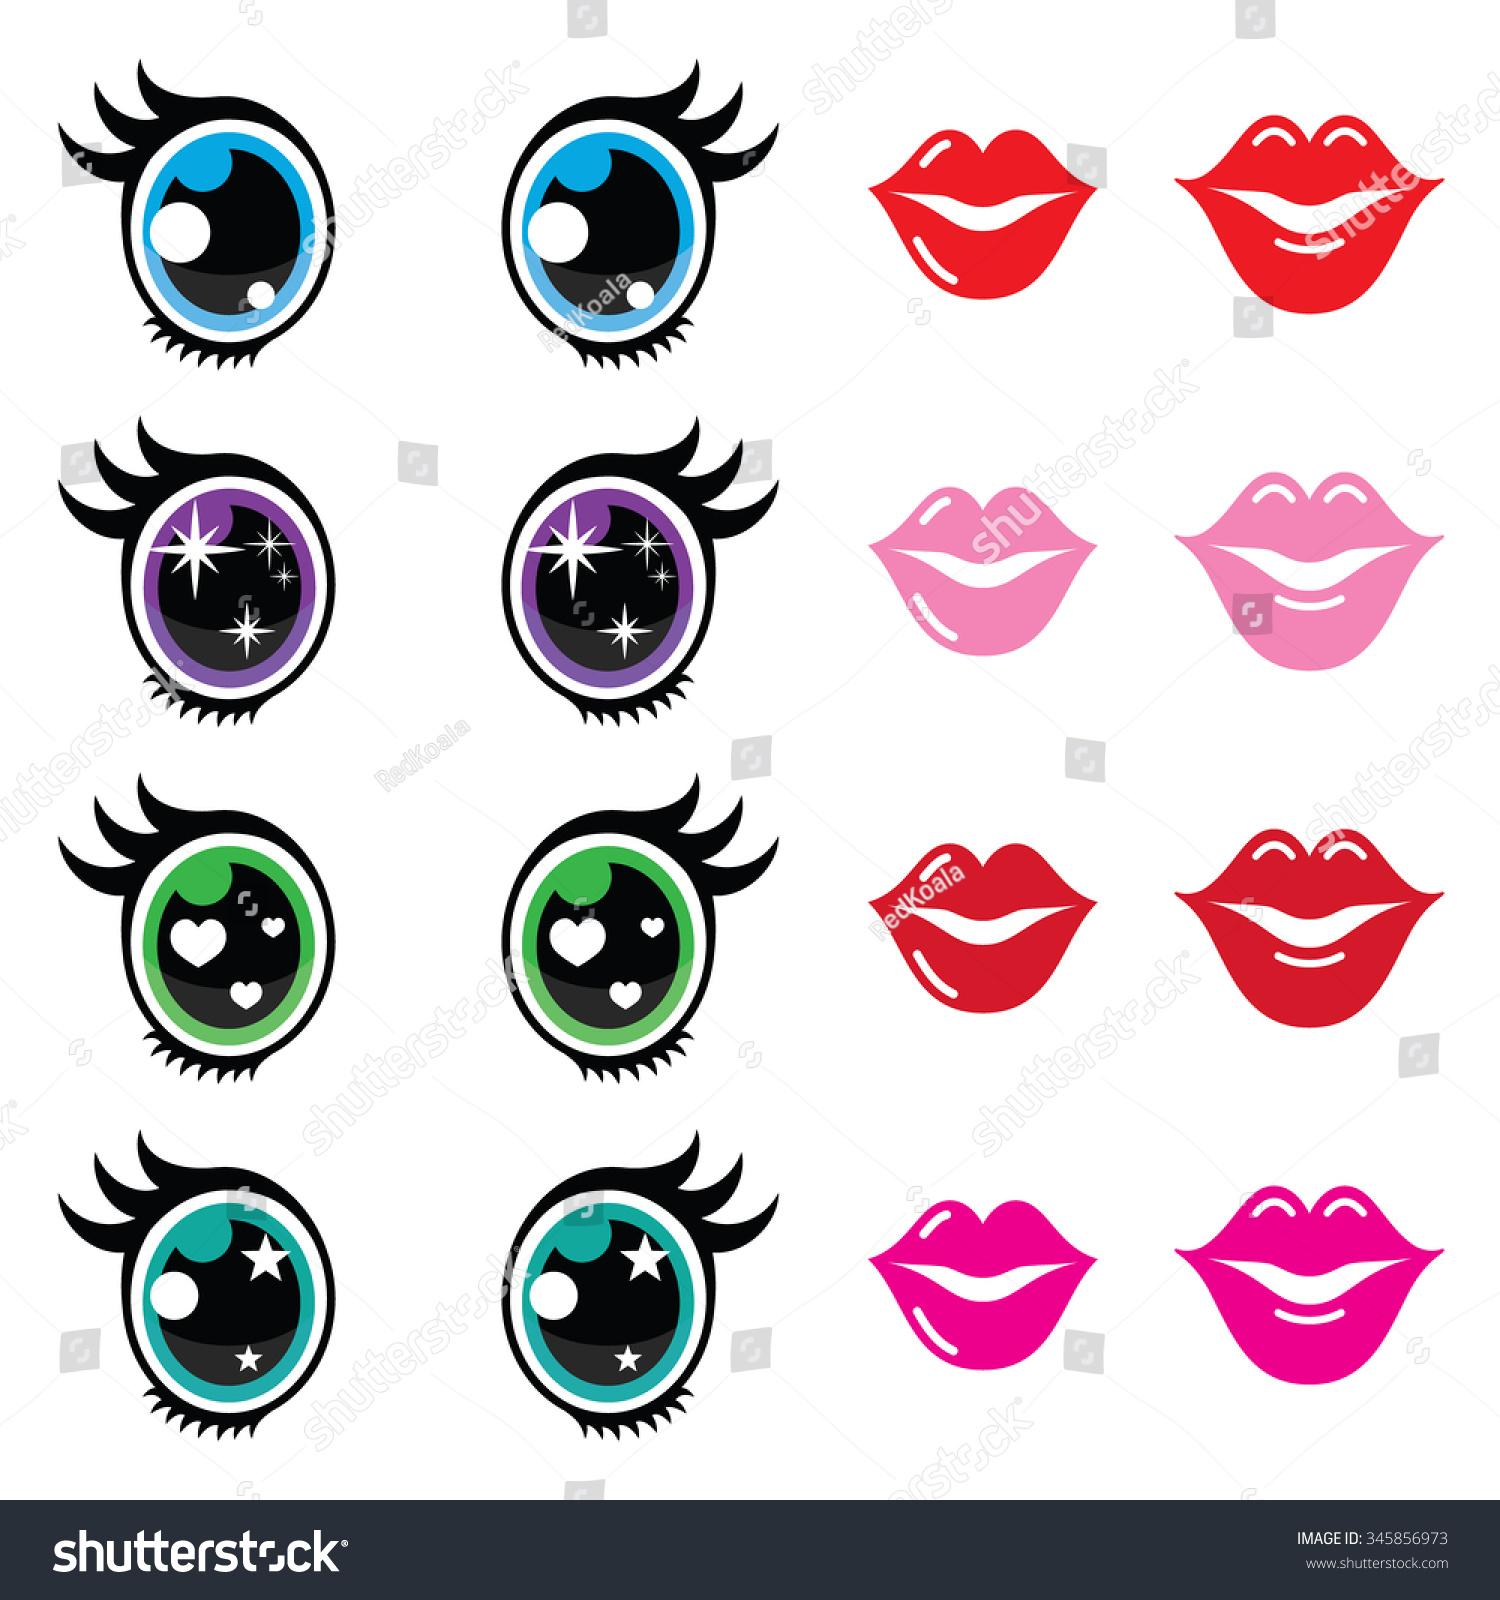 Kawaii Cute Eyes And Lips Icons Set, Kawaii Character Stock Vector ...